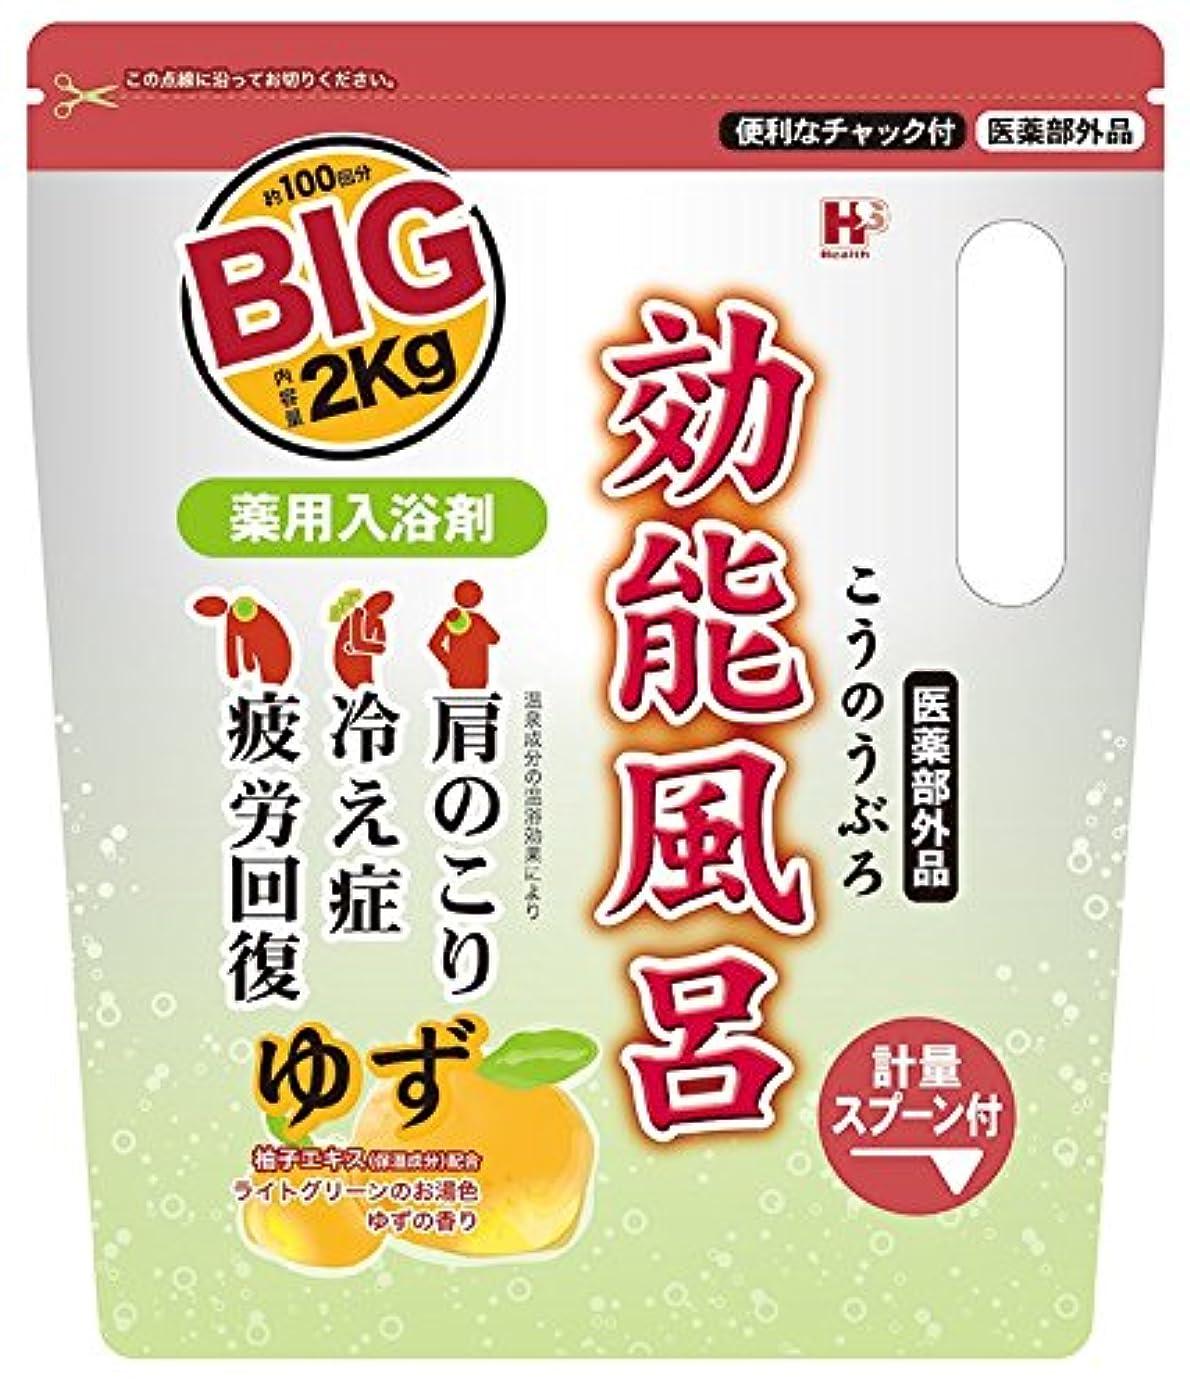 アウトドア絶滅した幼児薬用入浴剤 効能風呂 ゆずの香り BIGサイズ 2kg [医薬部外品]